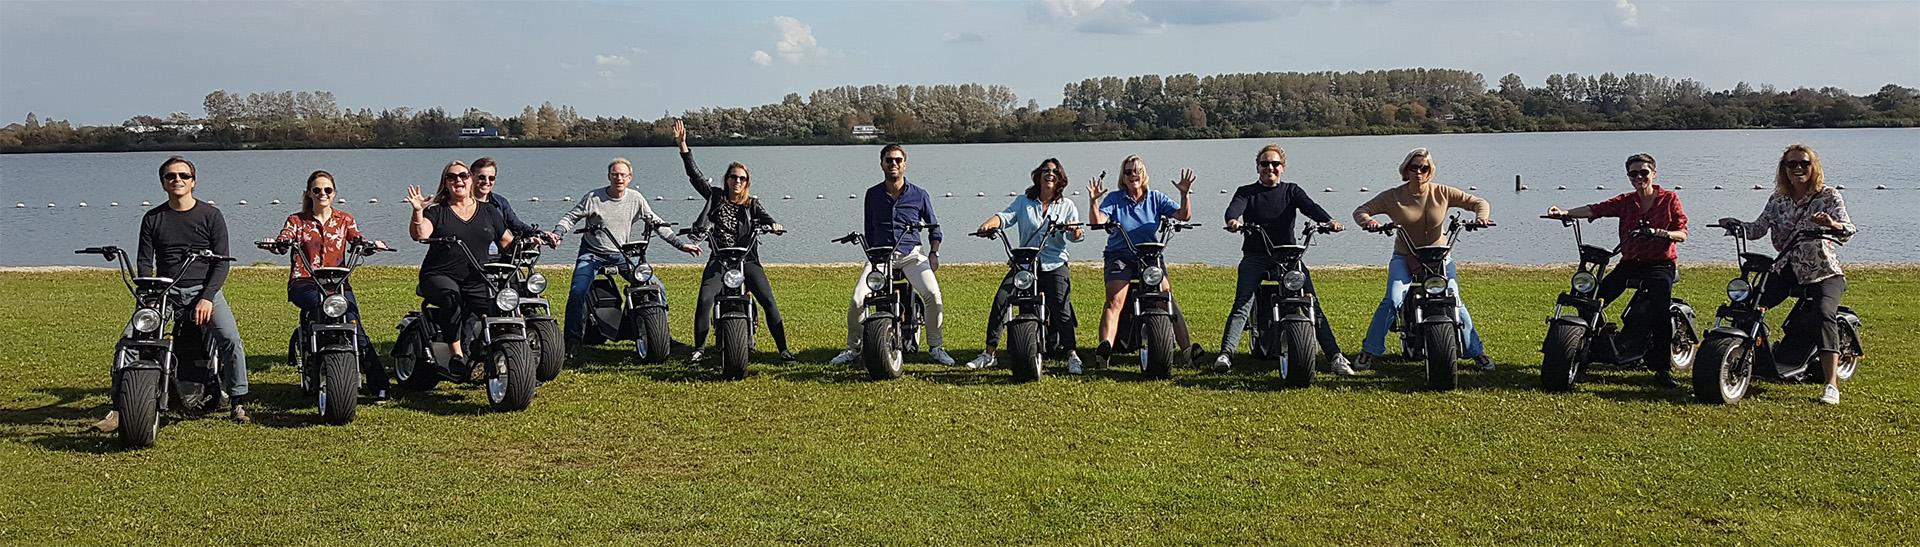 E-scooter huren Noordwijk - Over Ons